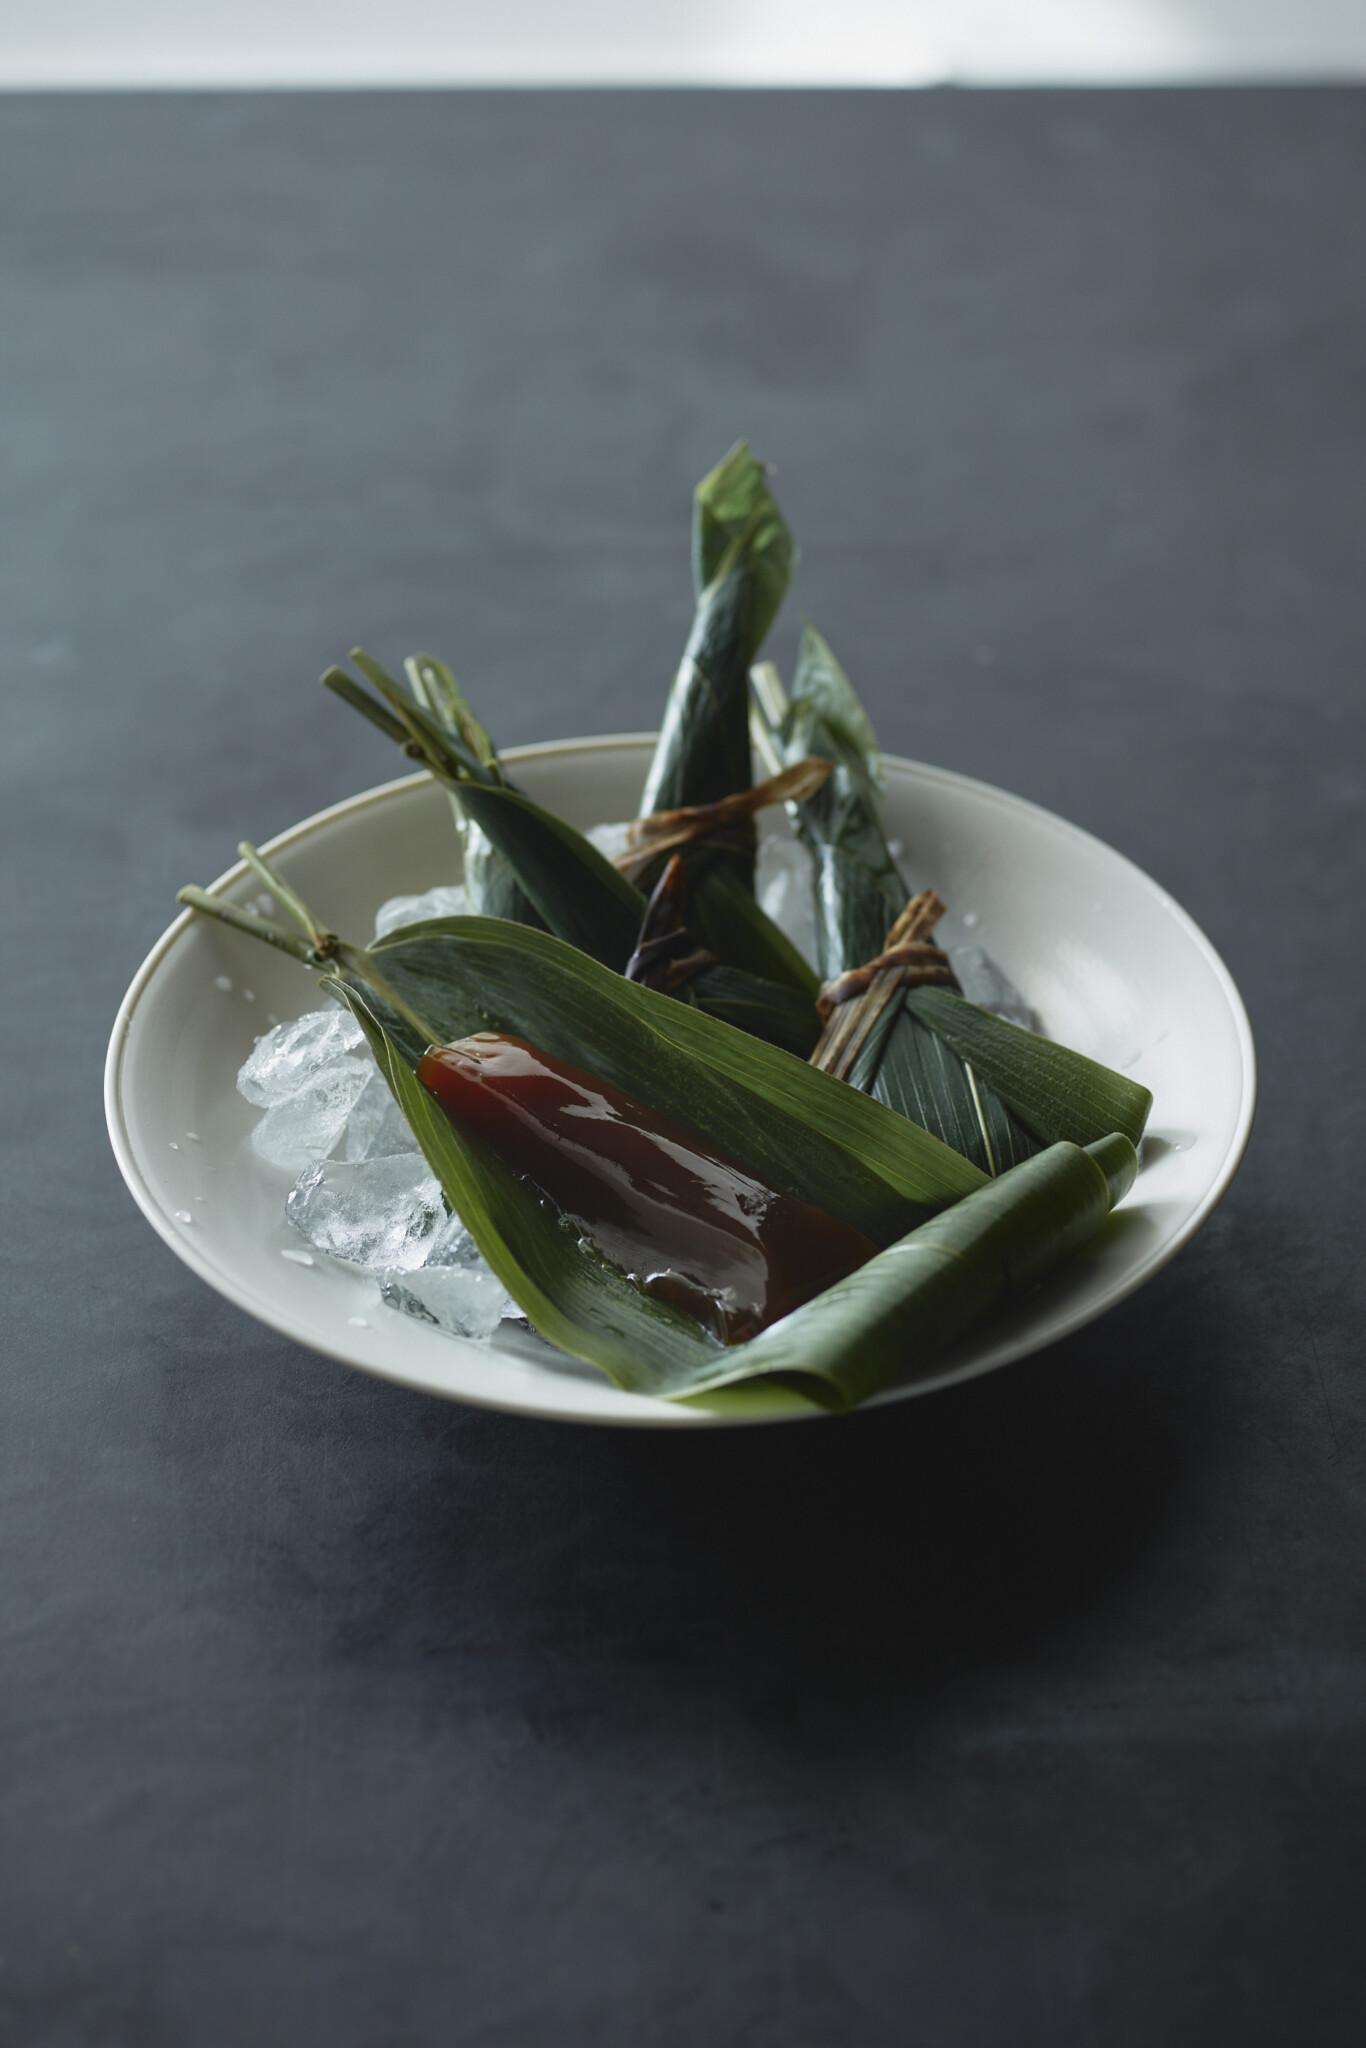 長年愛される定番の練り生菓子3選。生わらび餅は究極のやわらかさ!